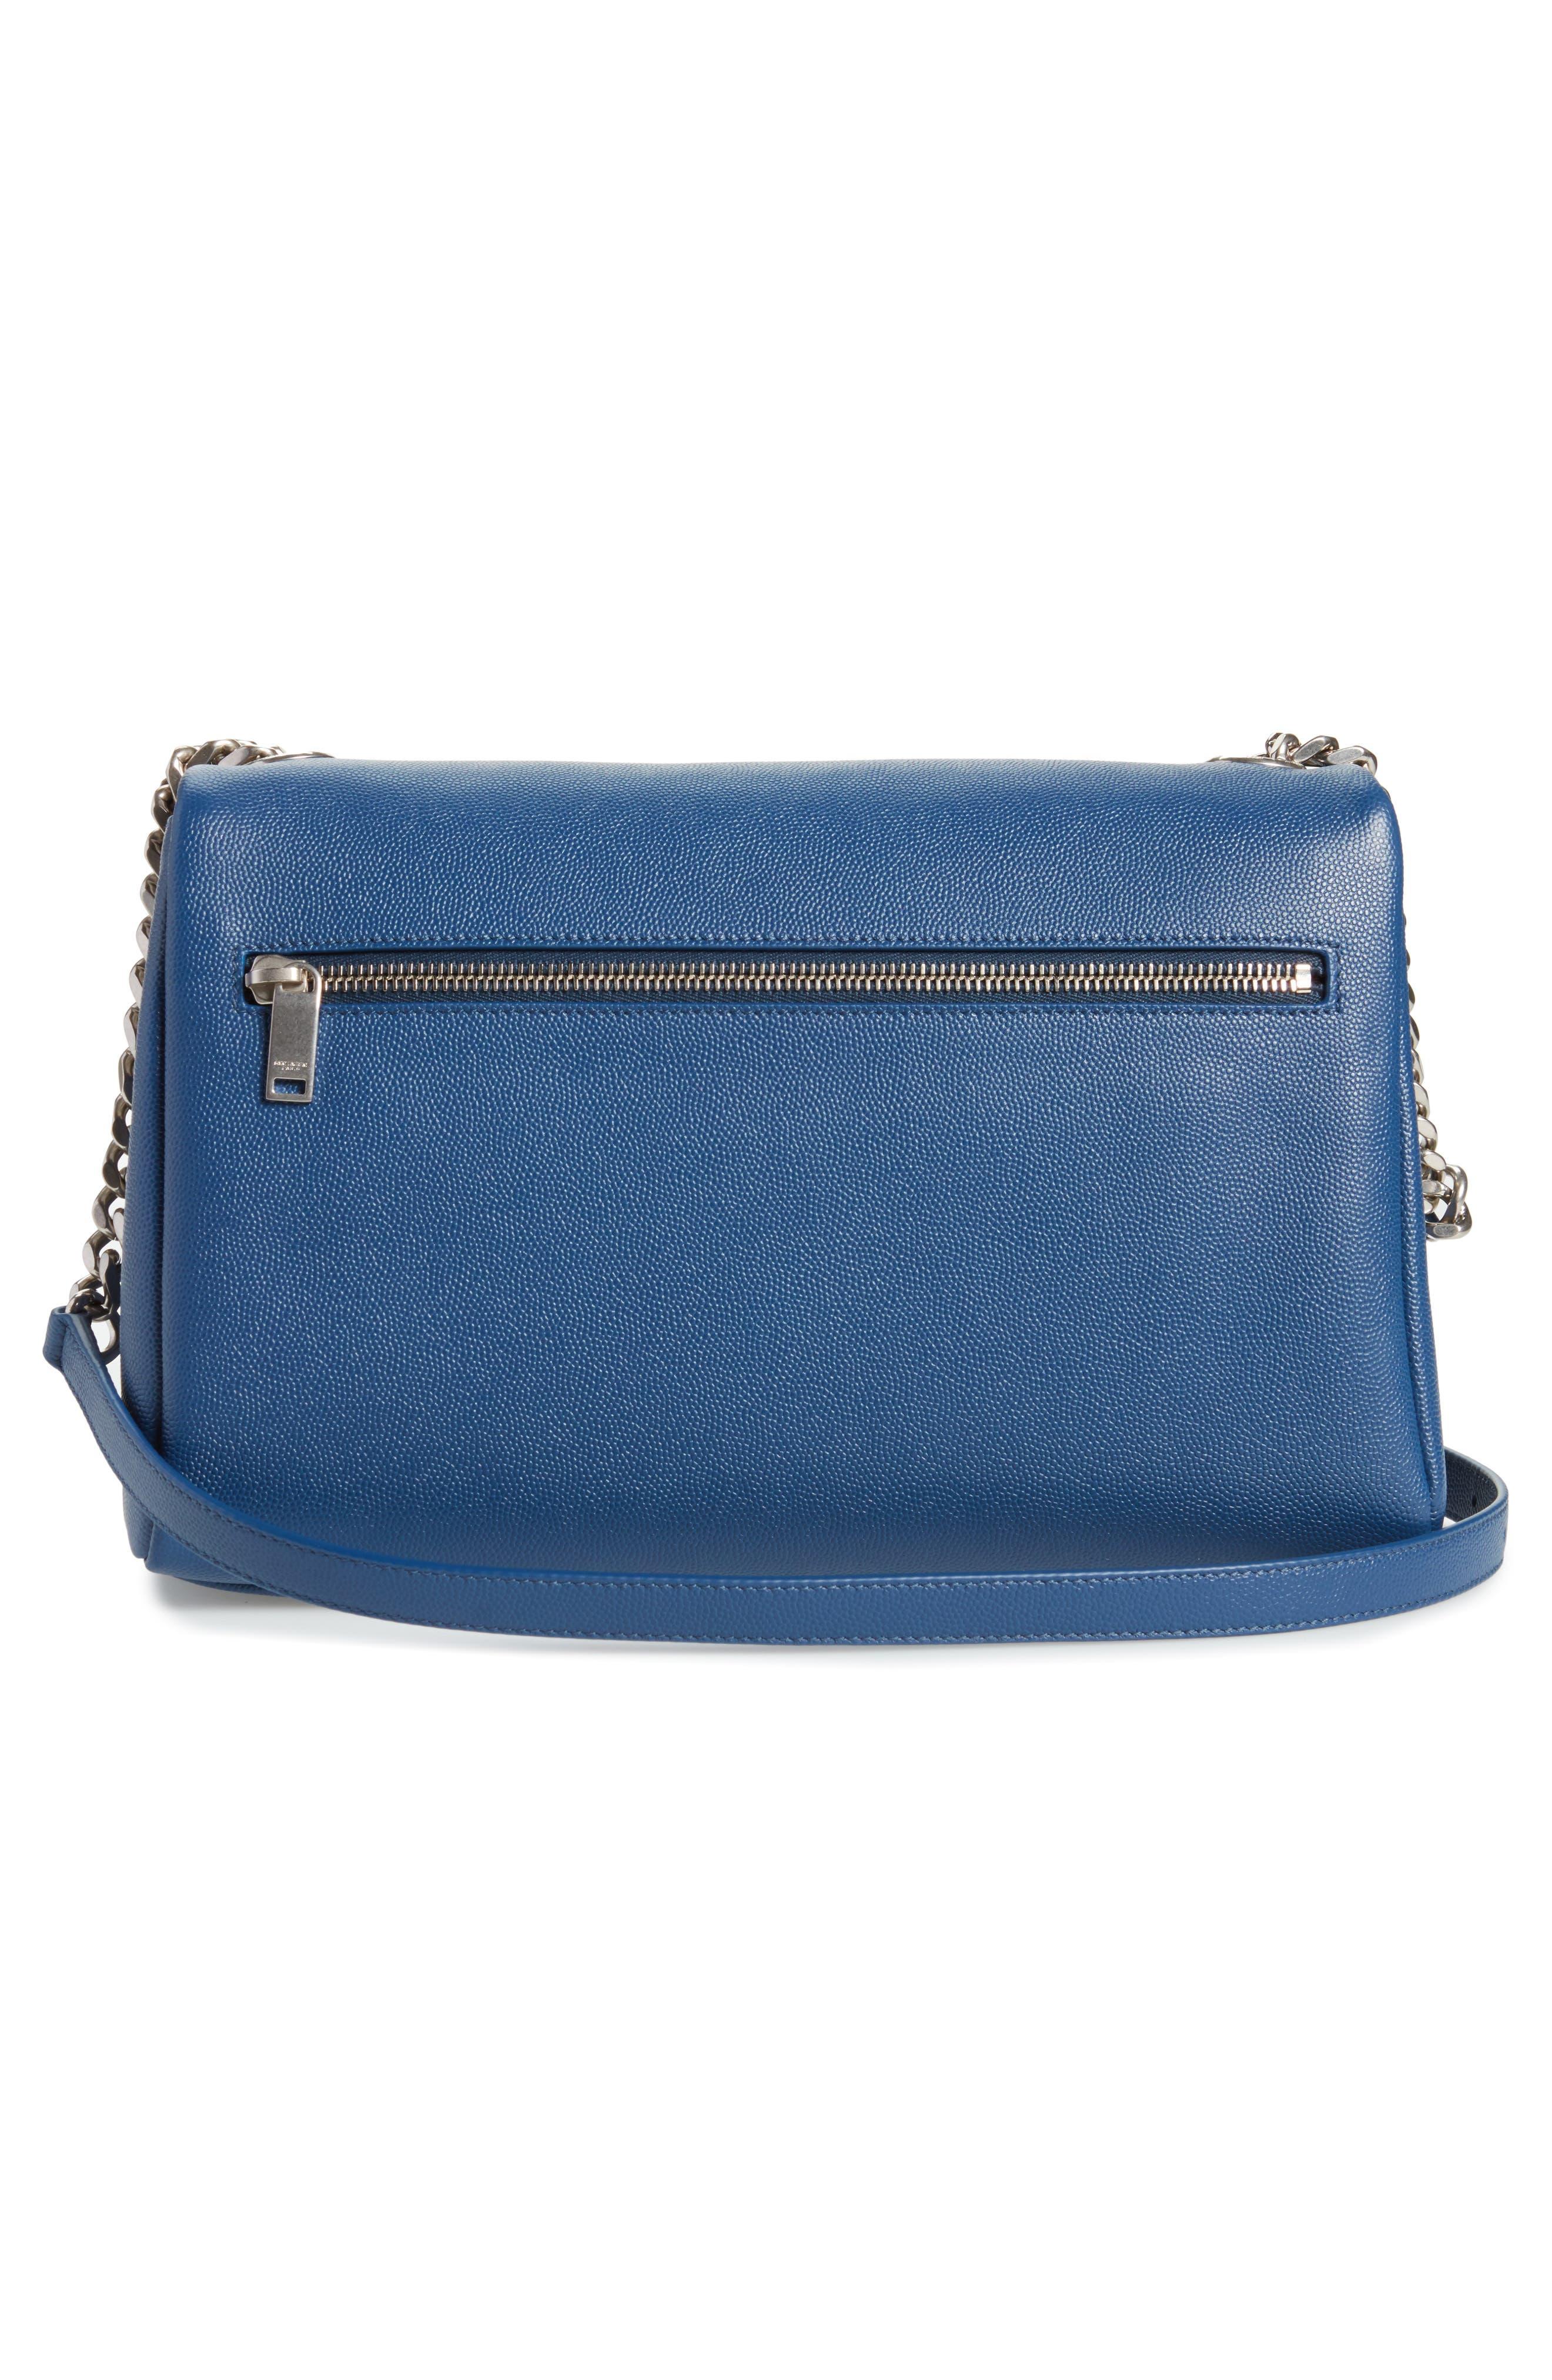 Medium West Hollywood Leather Shoulder Bag,                             Alternate thumbnail 8, color,